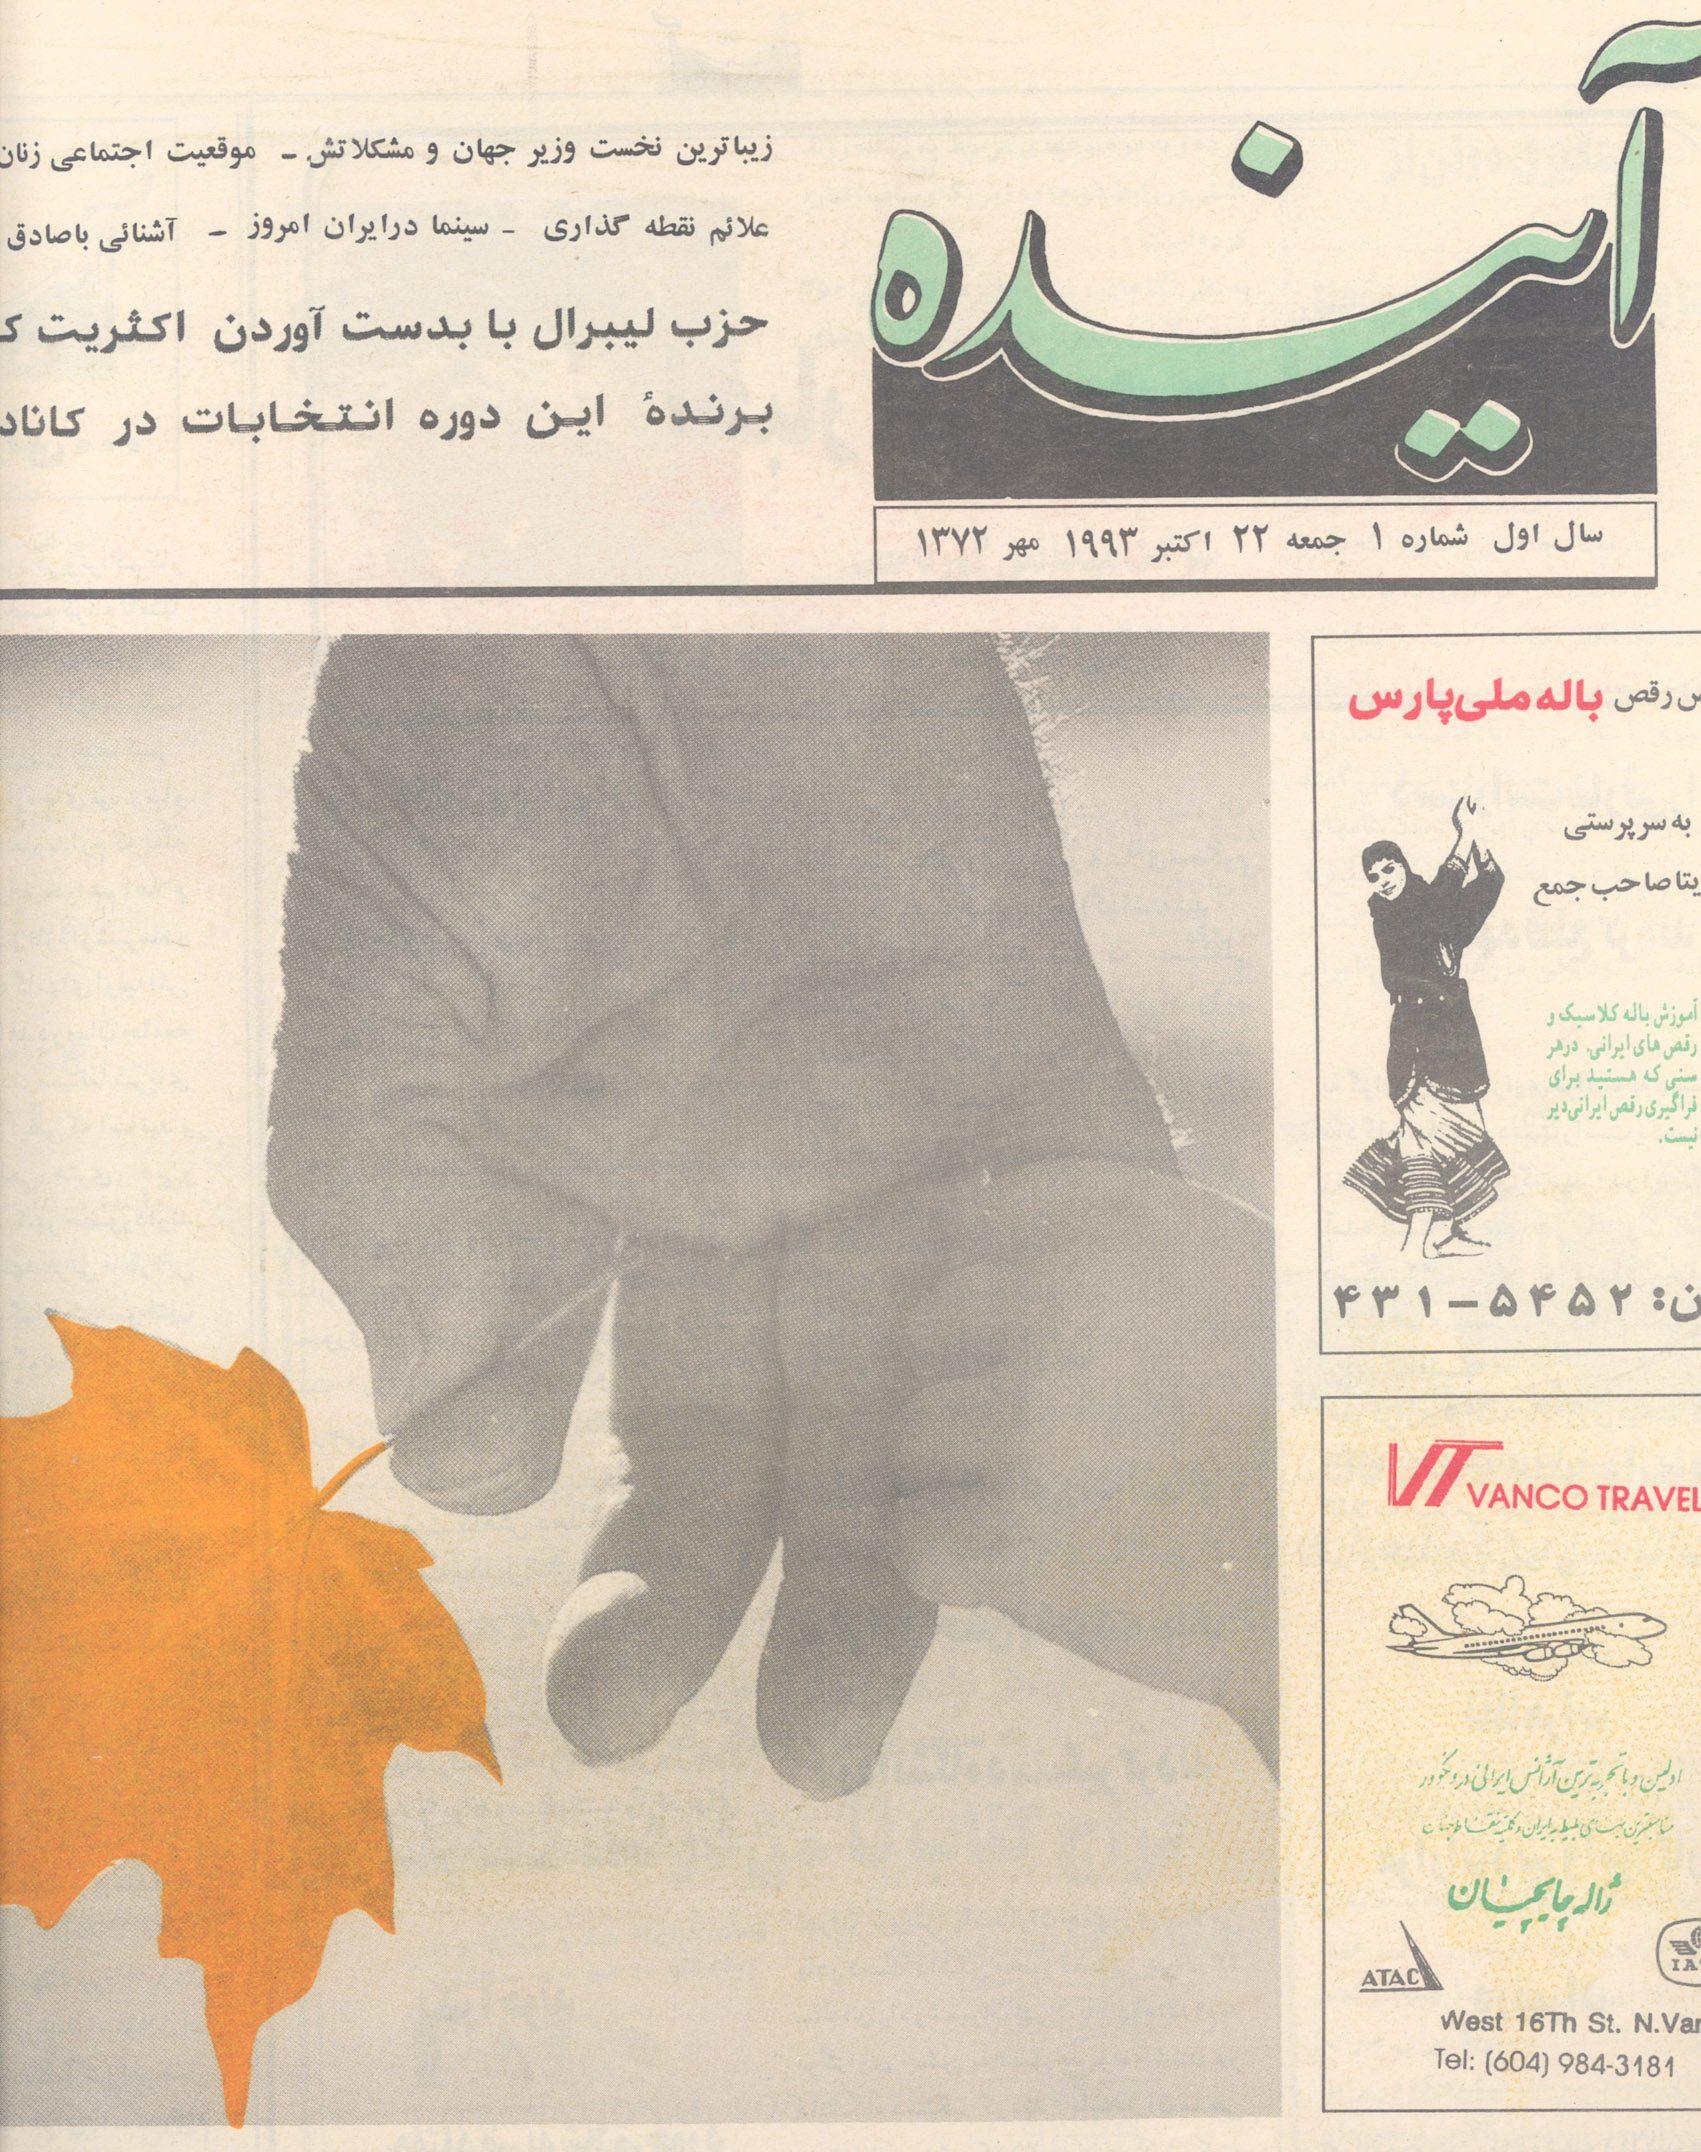 هادی ابراهیمی رودبارکی؛ شاعر، نویسنده و سردبیر هفته نامه شهرگان آنلاین و شهروند بی. سی است.